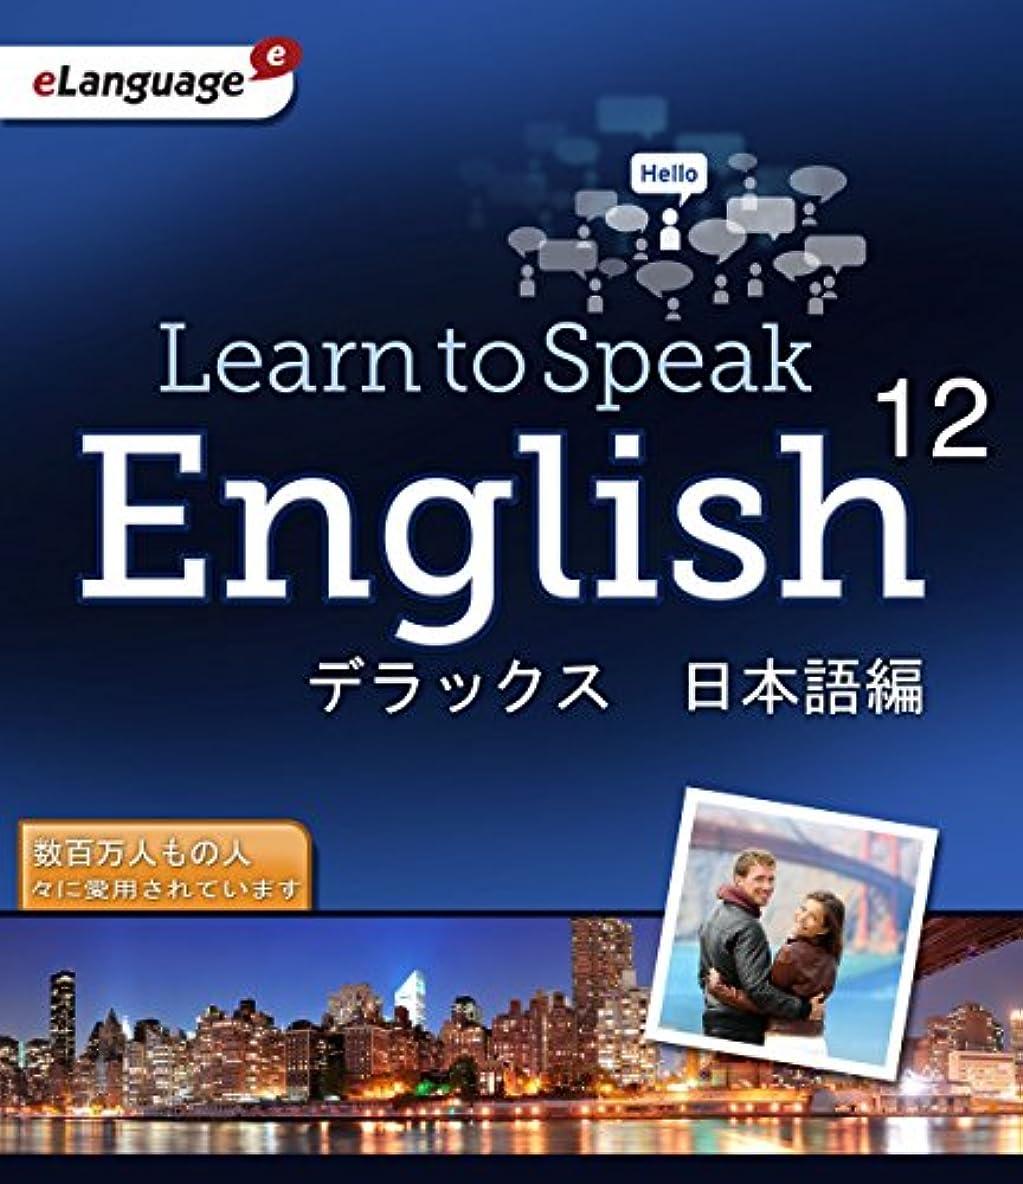 関数権限トーンLearn to Speak English 12 デラックス 1年版[ダウンロード]/英語学習ソフト/ネイティブ英会話学習/PC学習/実践英会話/短期留学学習ソフト|ダウンロード版